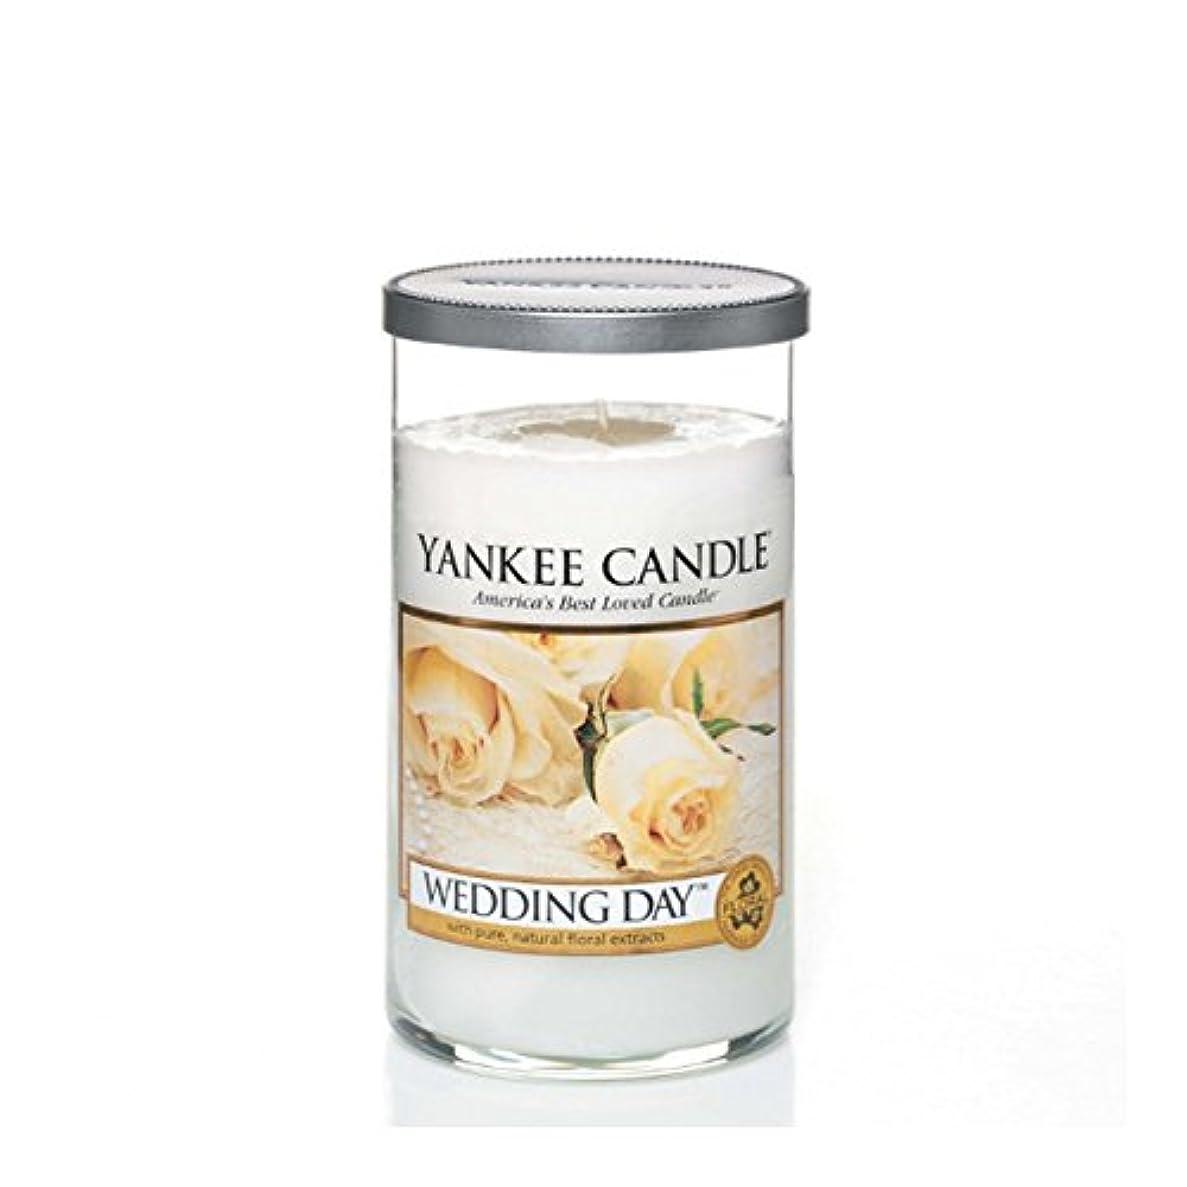 ミシンバーベキューサイレンYankee Candles Medium Pillar Candle - Wedding Day (Pack of 6) - ヤンキーキャンドルメディアピラーキャンドル - 結婚式の日 (x6) [並行輸入品]